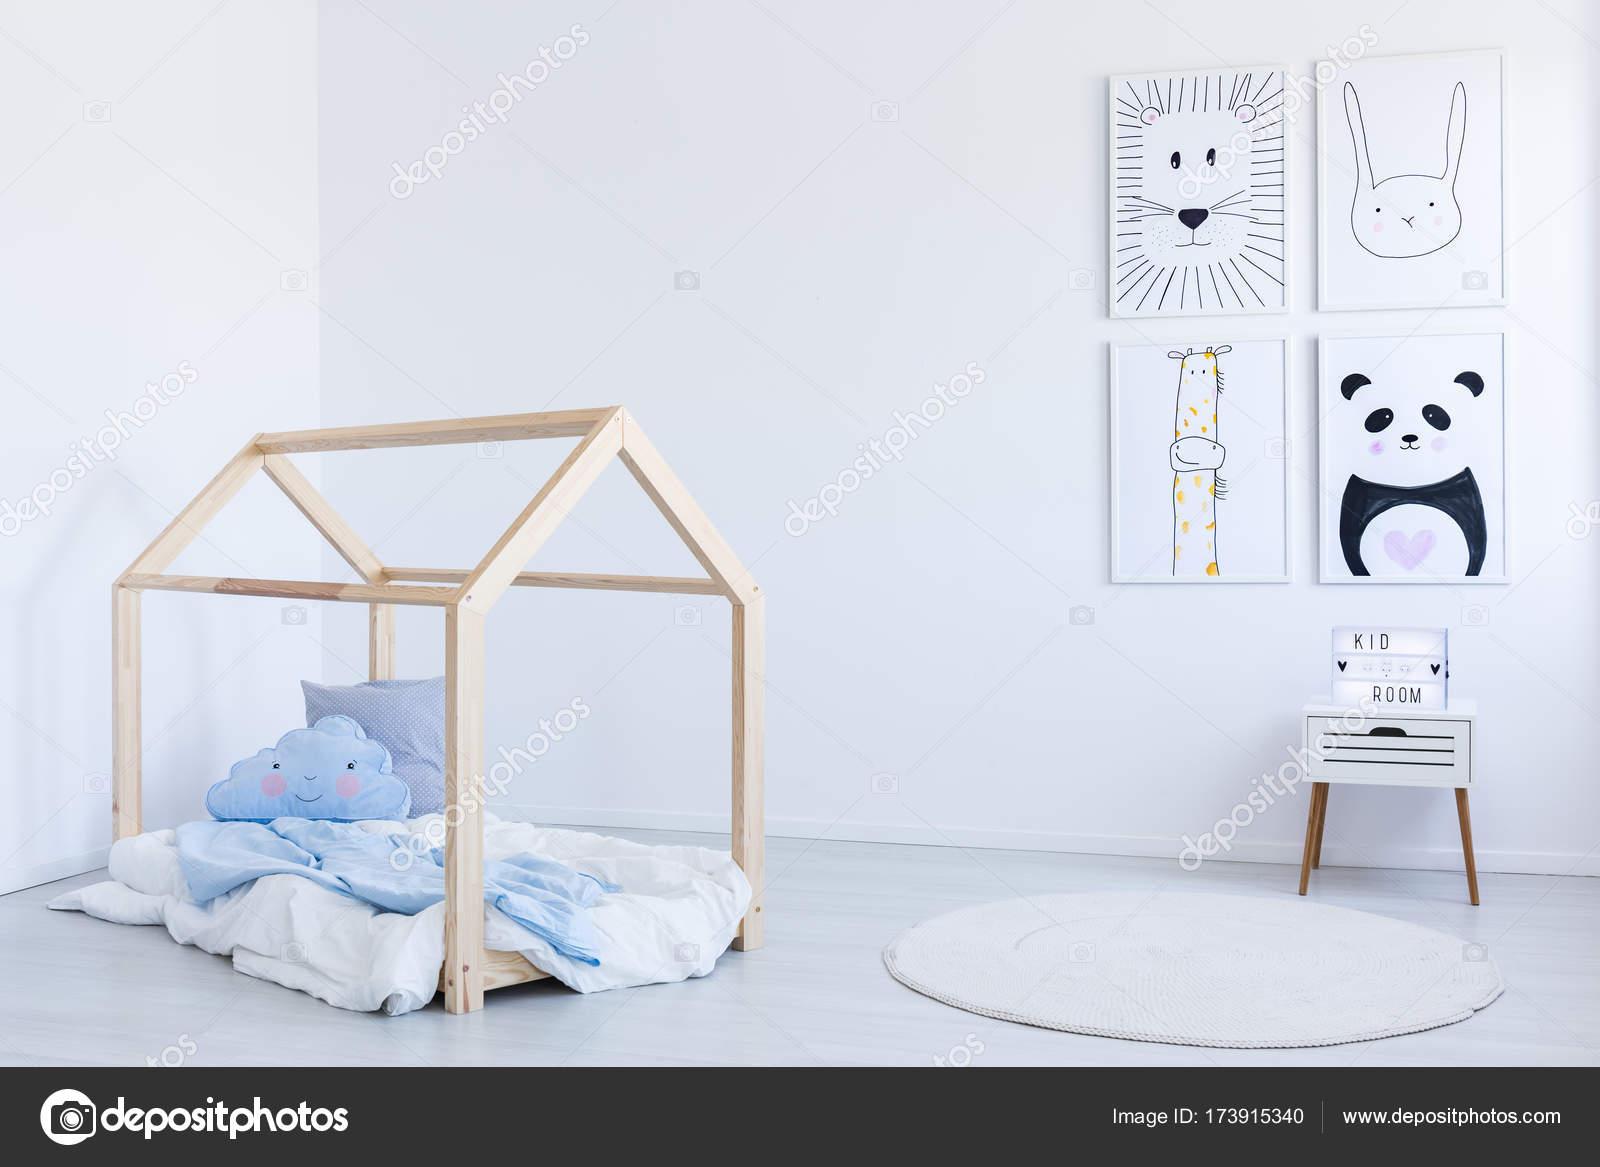 diy-bett im zimmer des jungen — stockfoto © photographee.eu #173915340